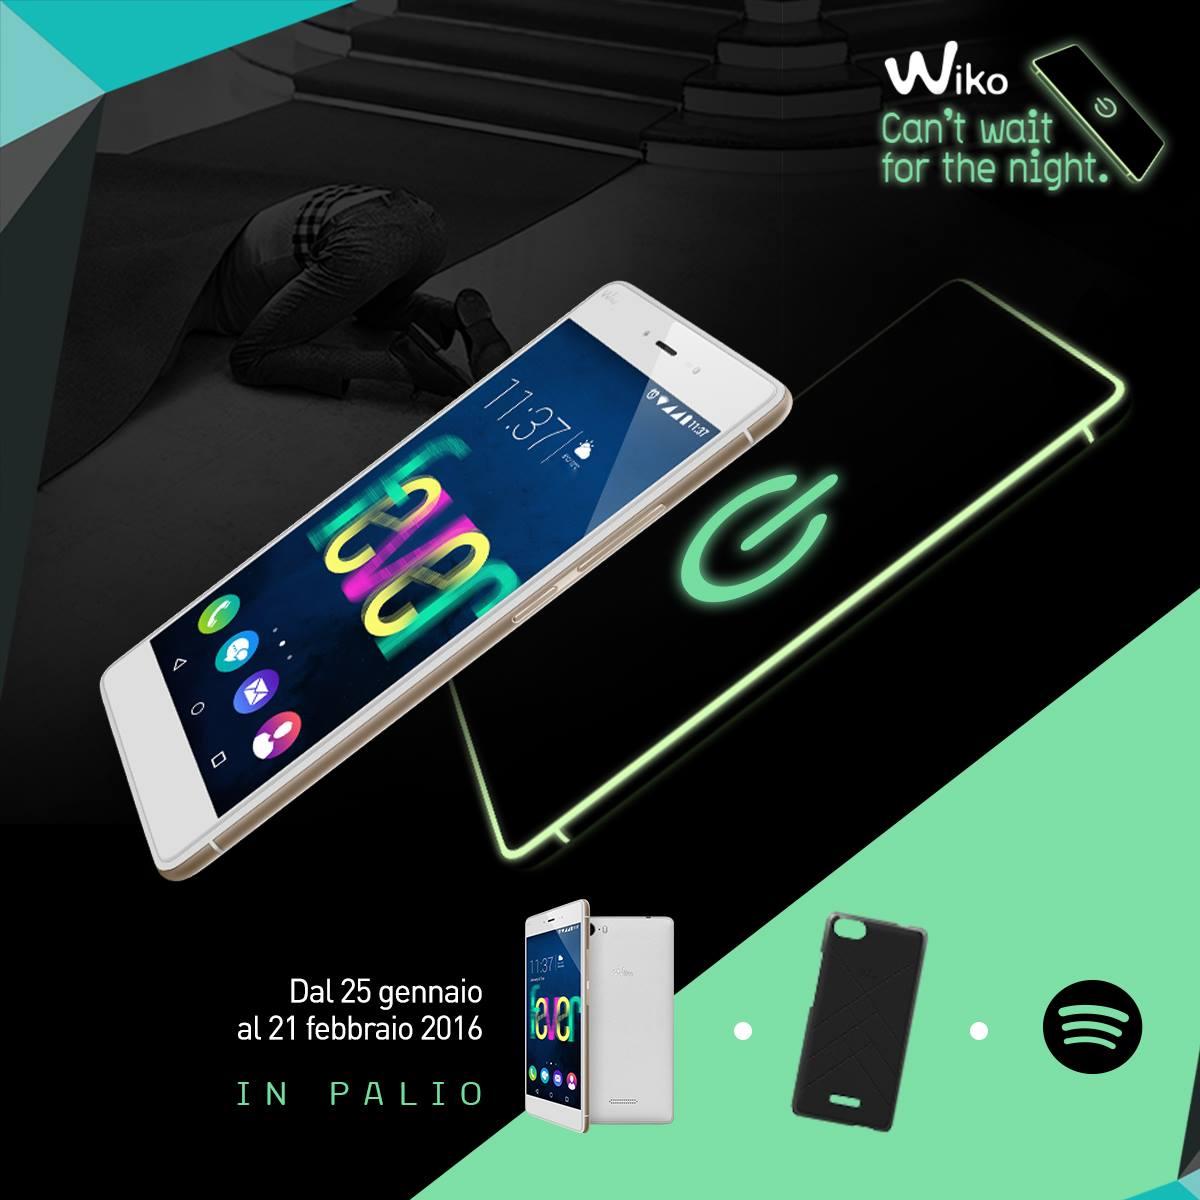 Wiko mette in palio Fever e Spotify Premium nel suo WIKOncorso